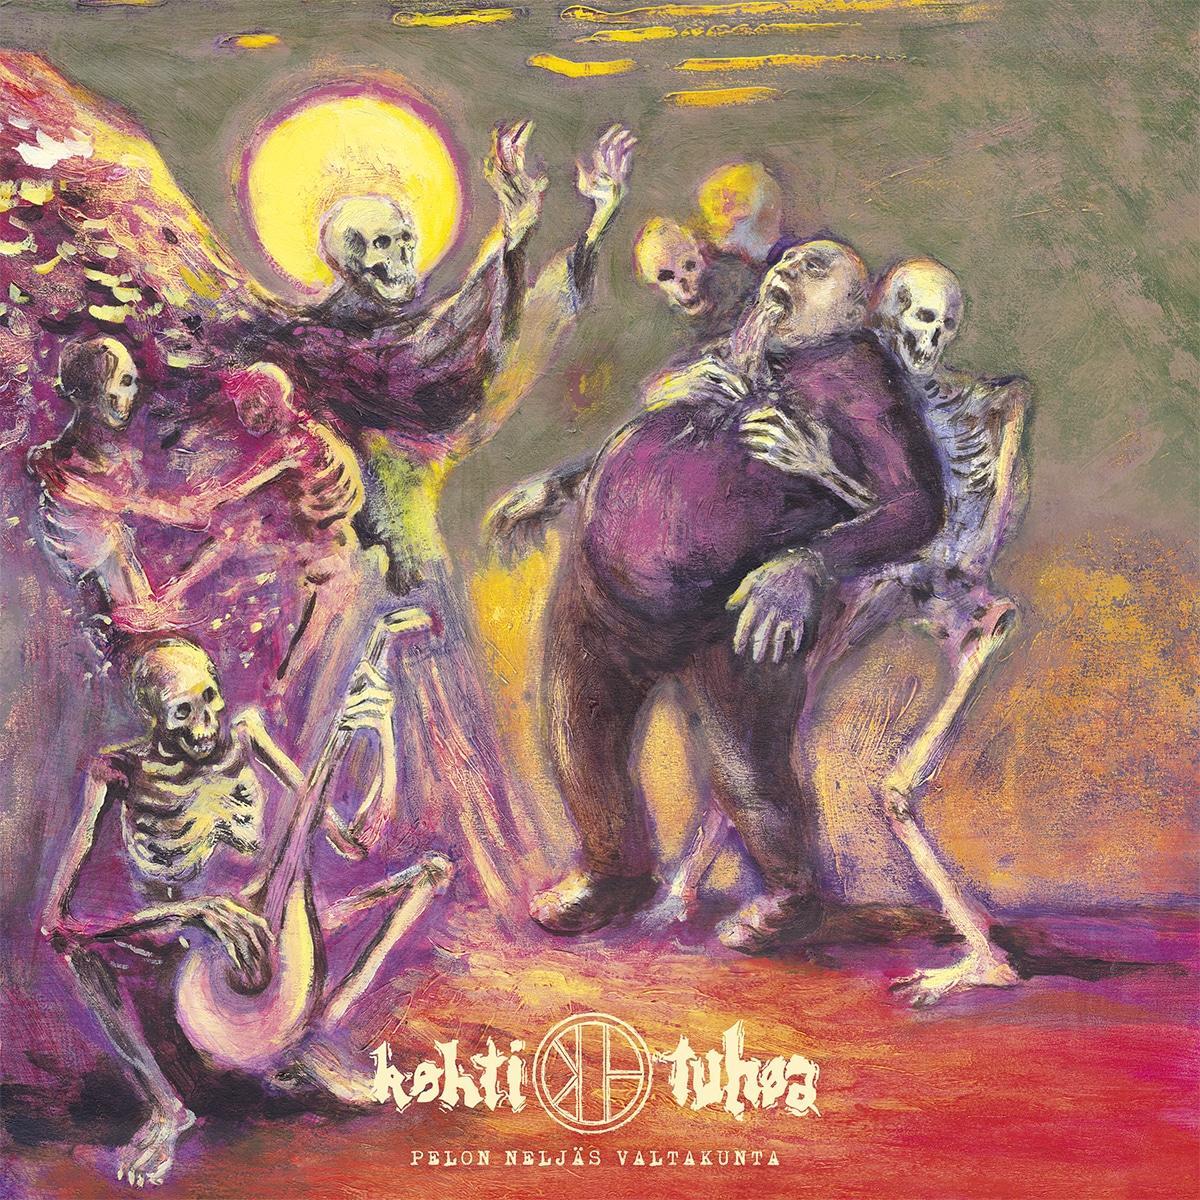 KOHTI TUHOA Pelon neljäs valtakunta – Vinyl LP (black)